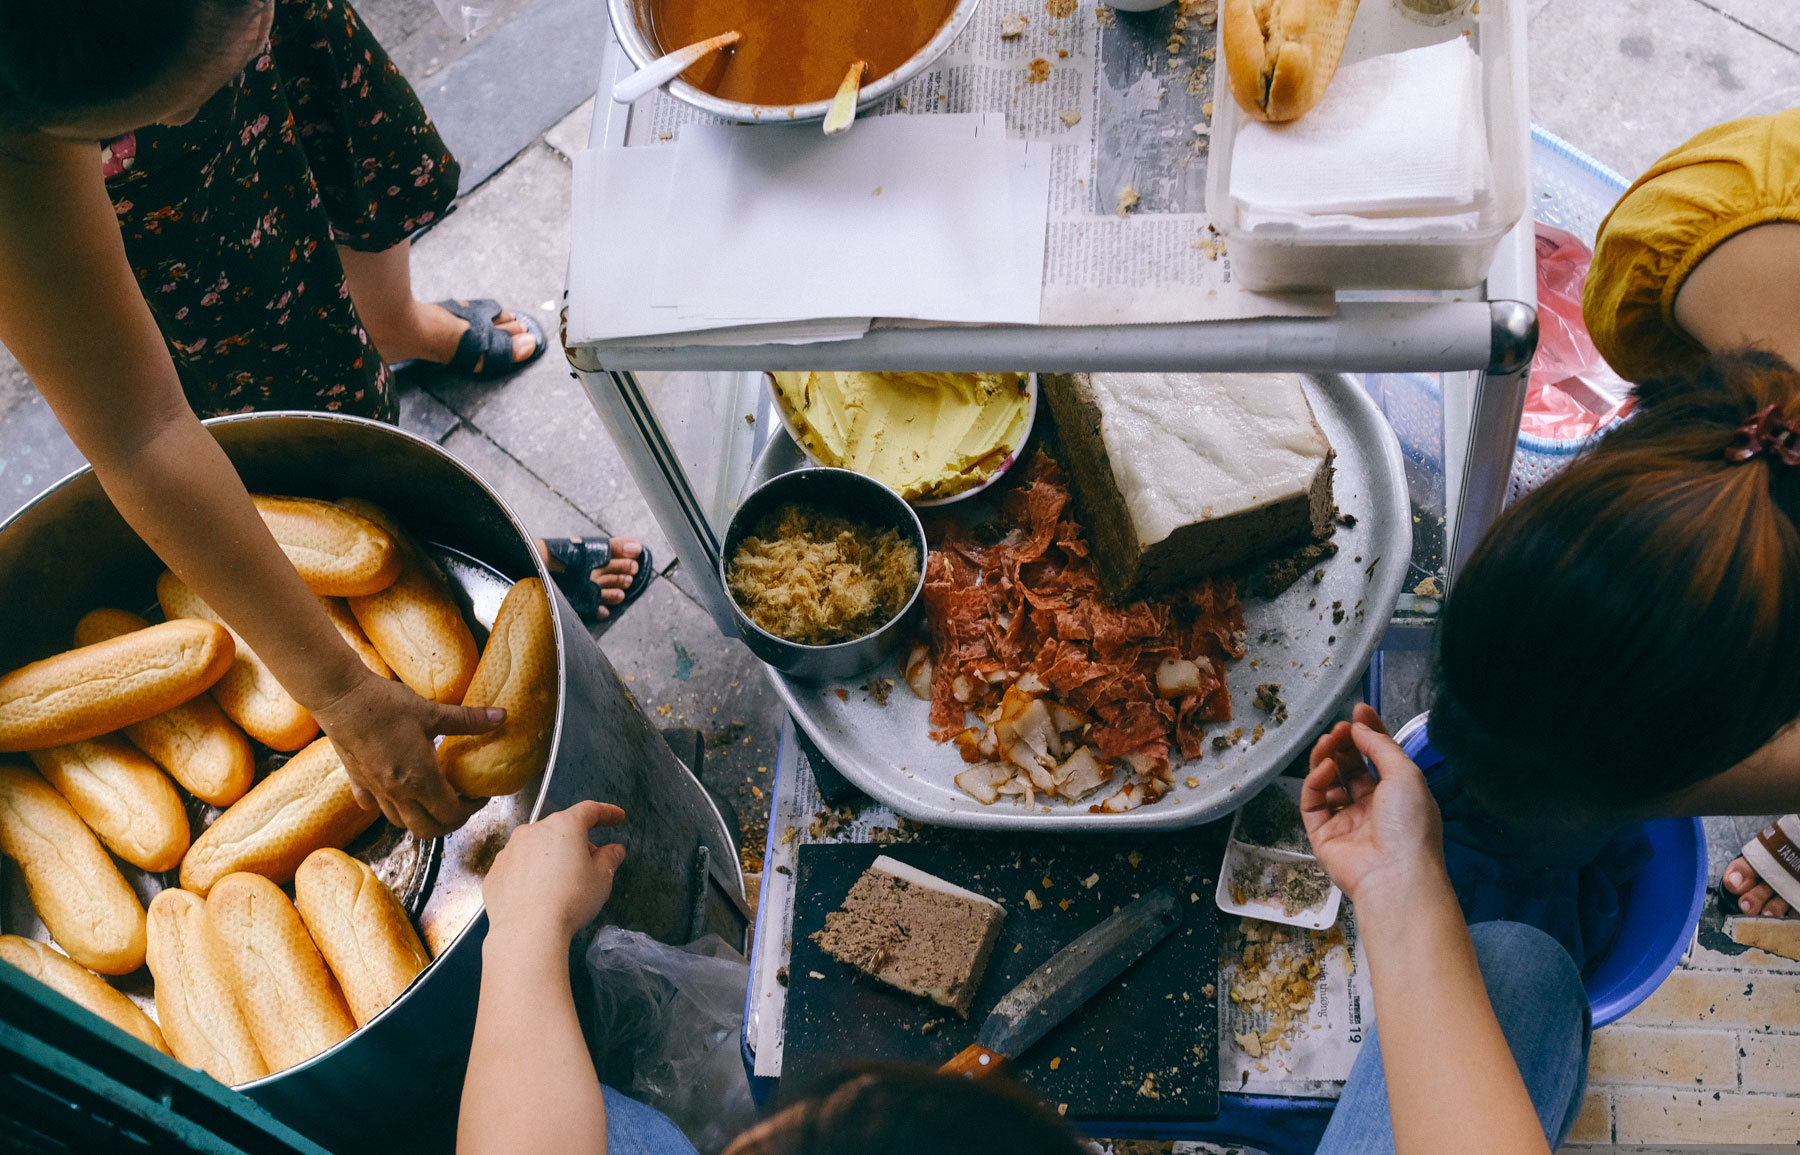 Hàng bánh mì Hà Nội từ thời bao cấp, bán 400 chiếc/ngày, giá chỉ 10 nghìn